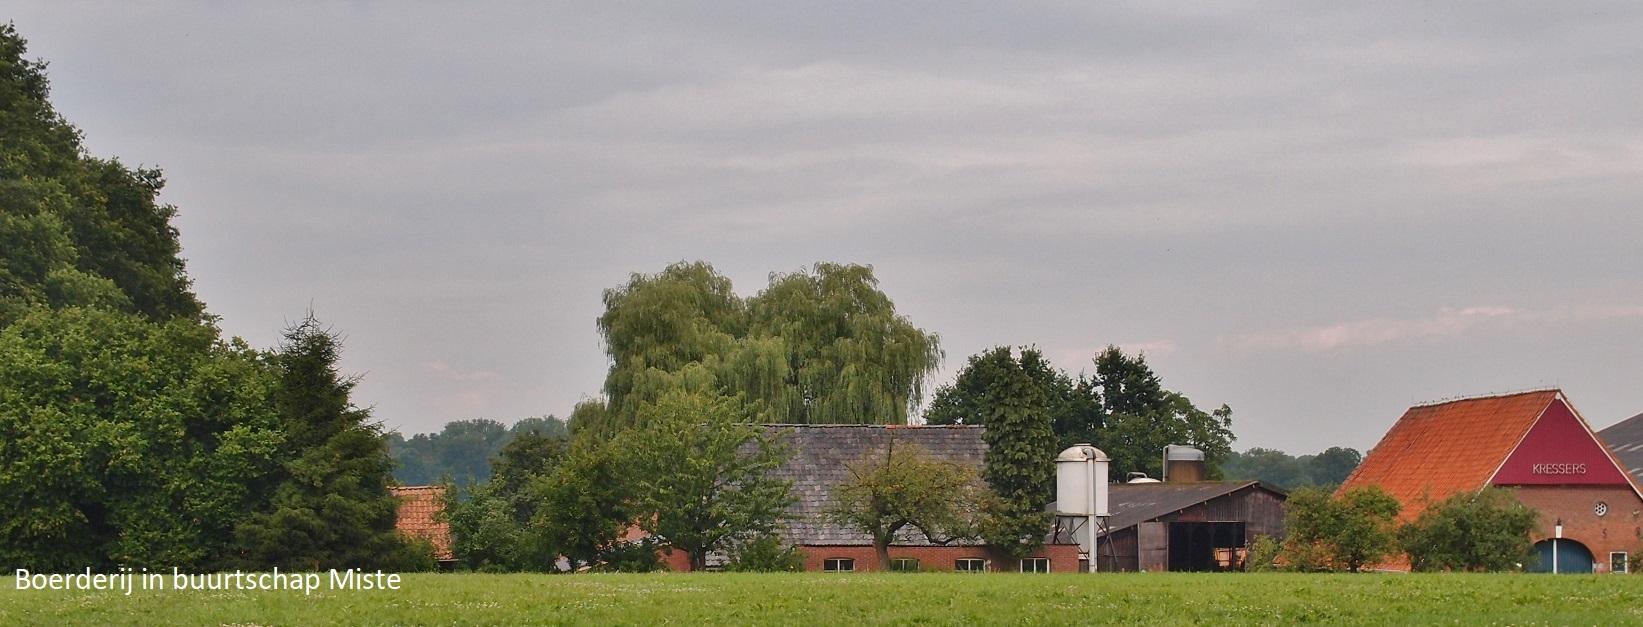 Boerderij in buurtschap Miste